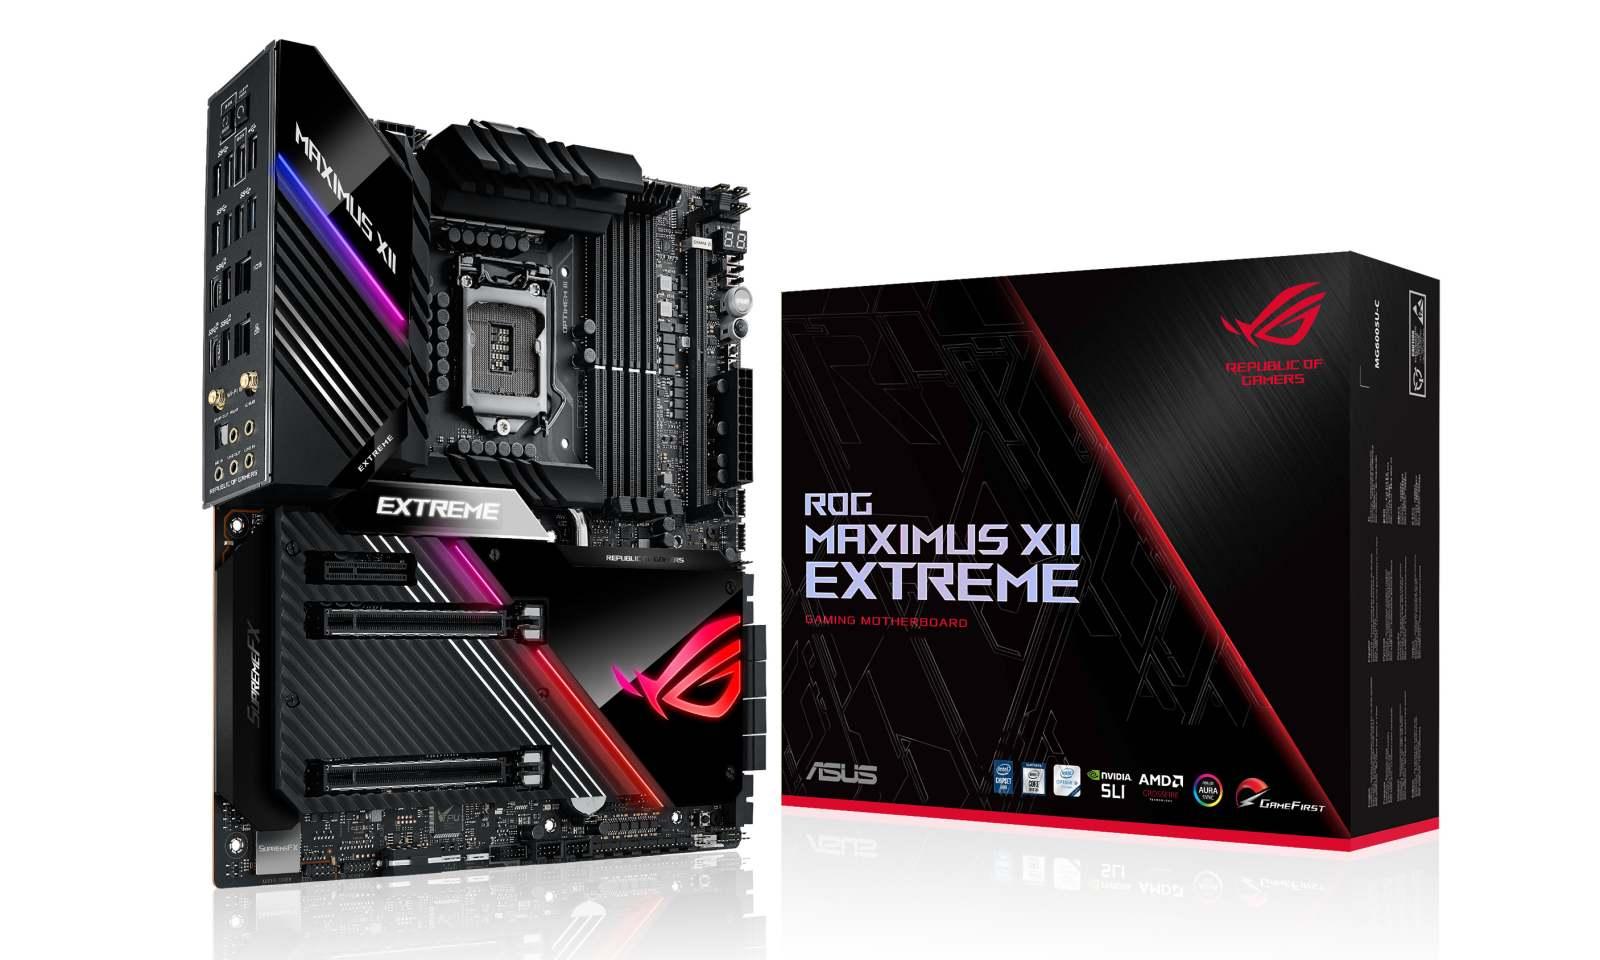 ROG Maximus XII Extreme